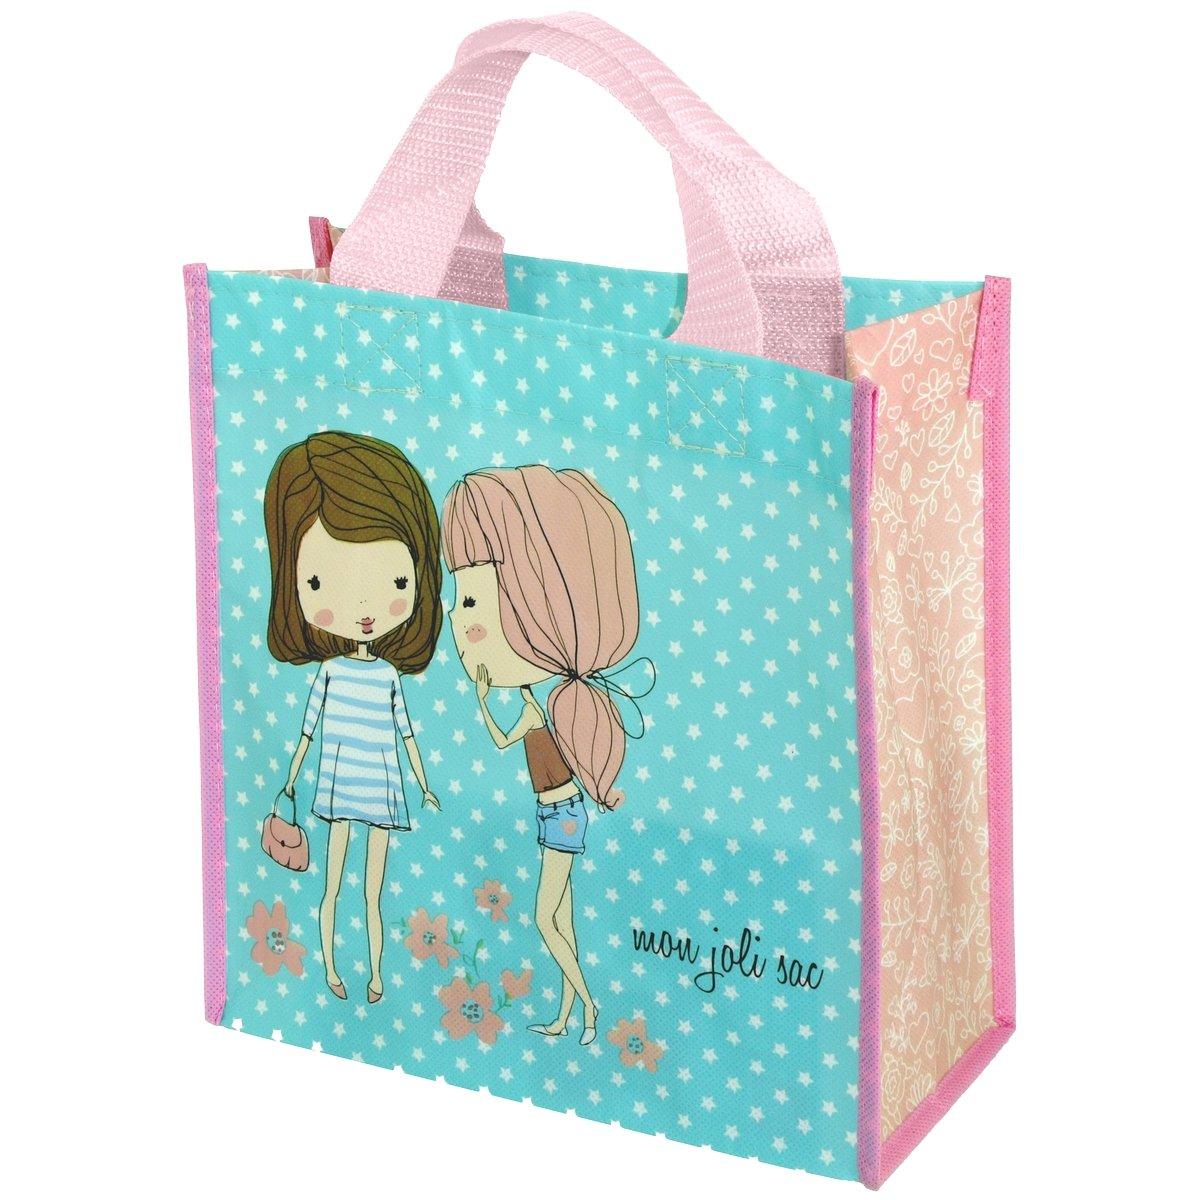 Promobo - Sac Pour Courses Cabas Shopping Girly Mon Joli Sac Bleu Etoilé cabasgirlyjolisac